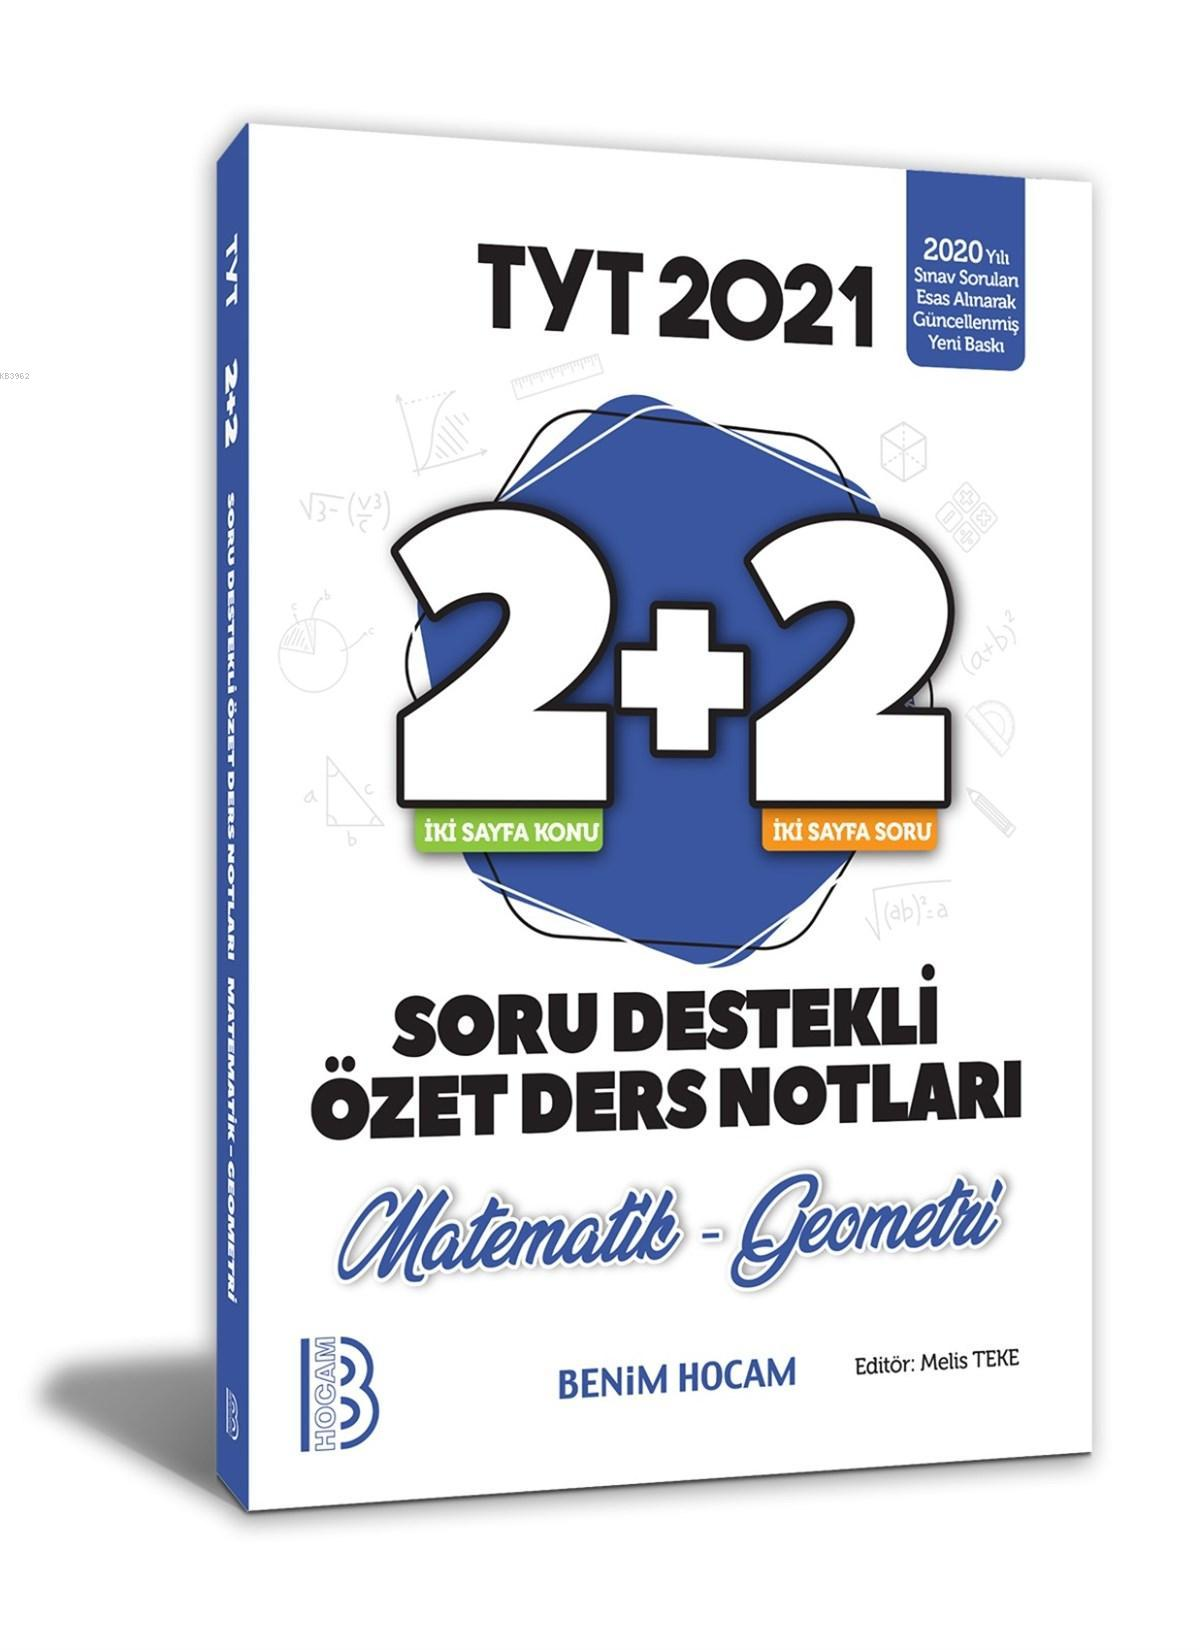 2021 YKS TYT Matematik-Geometri 2+2 Soru Destekli Özet Ders Notları Benim Hocam Yayınları